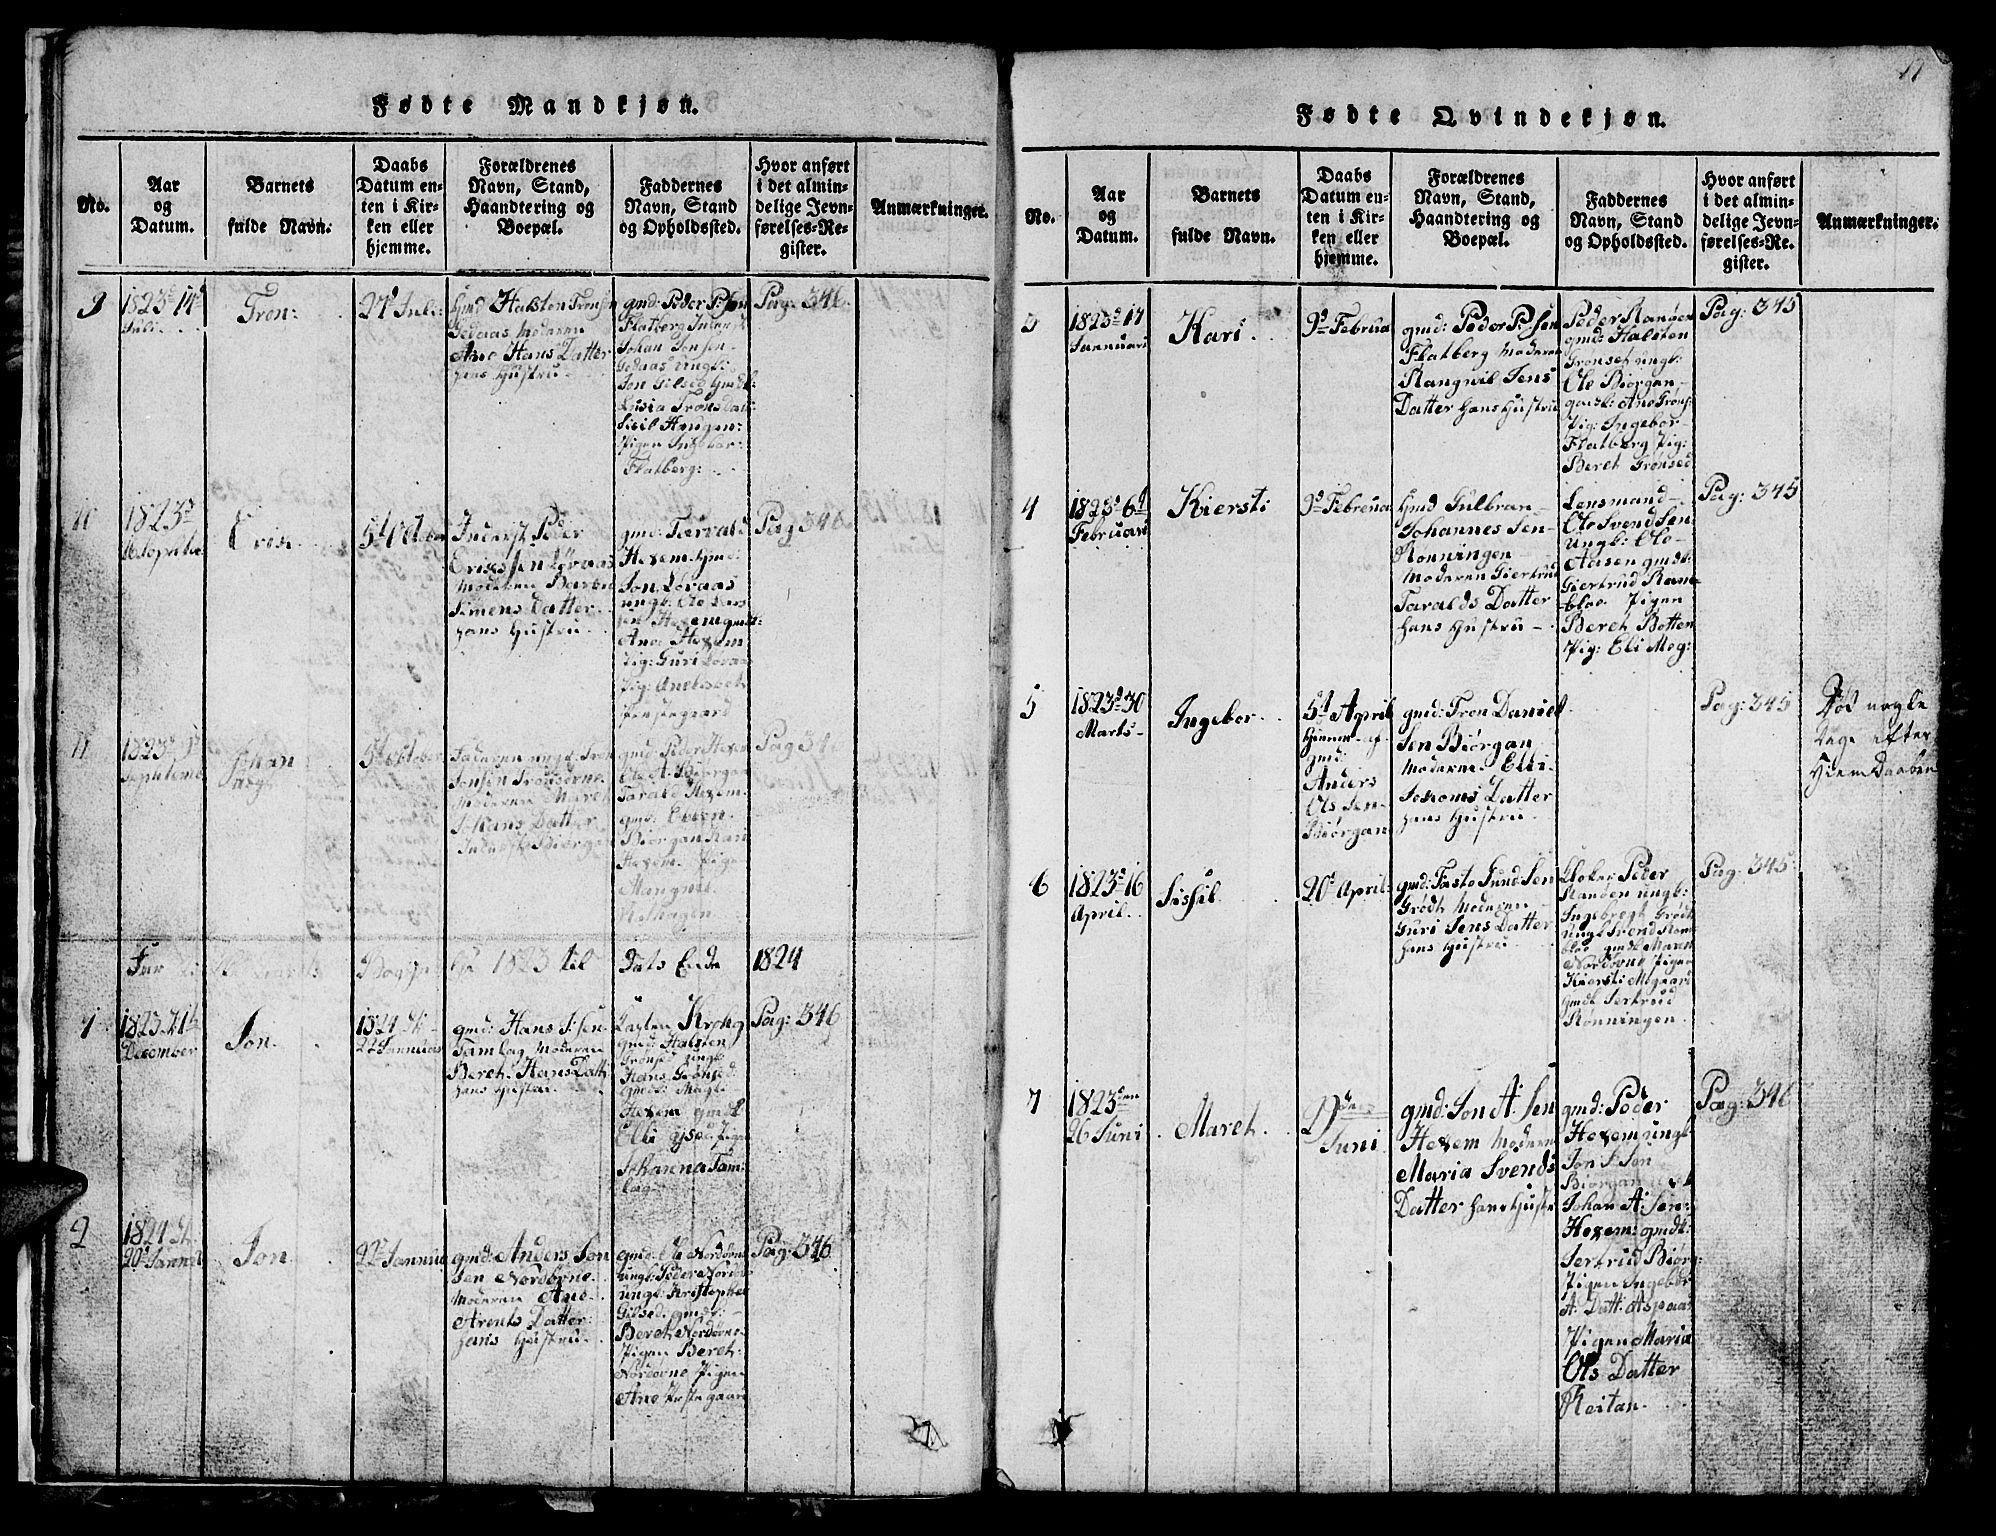 SAT, Ministerialprotokoller, klokkerbøker og fødselsregistre - Sør-Trøndelag, 685/L0976: Klokkerbok nr. 685C01, 1817-1878, s. 11